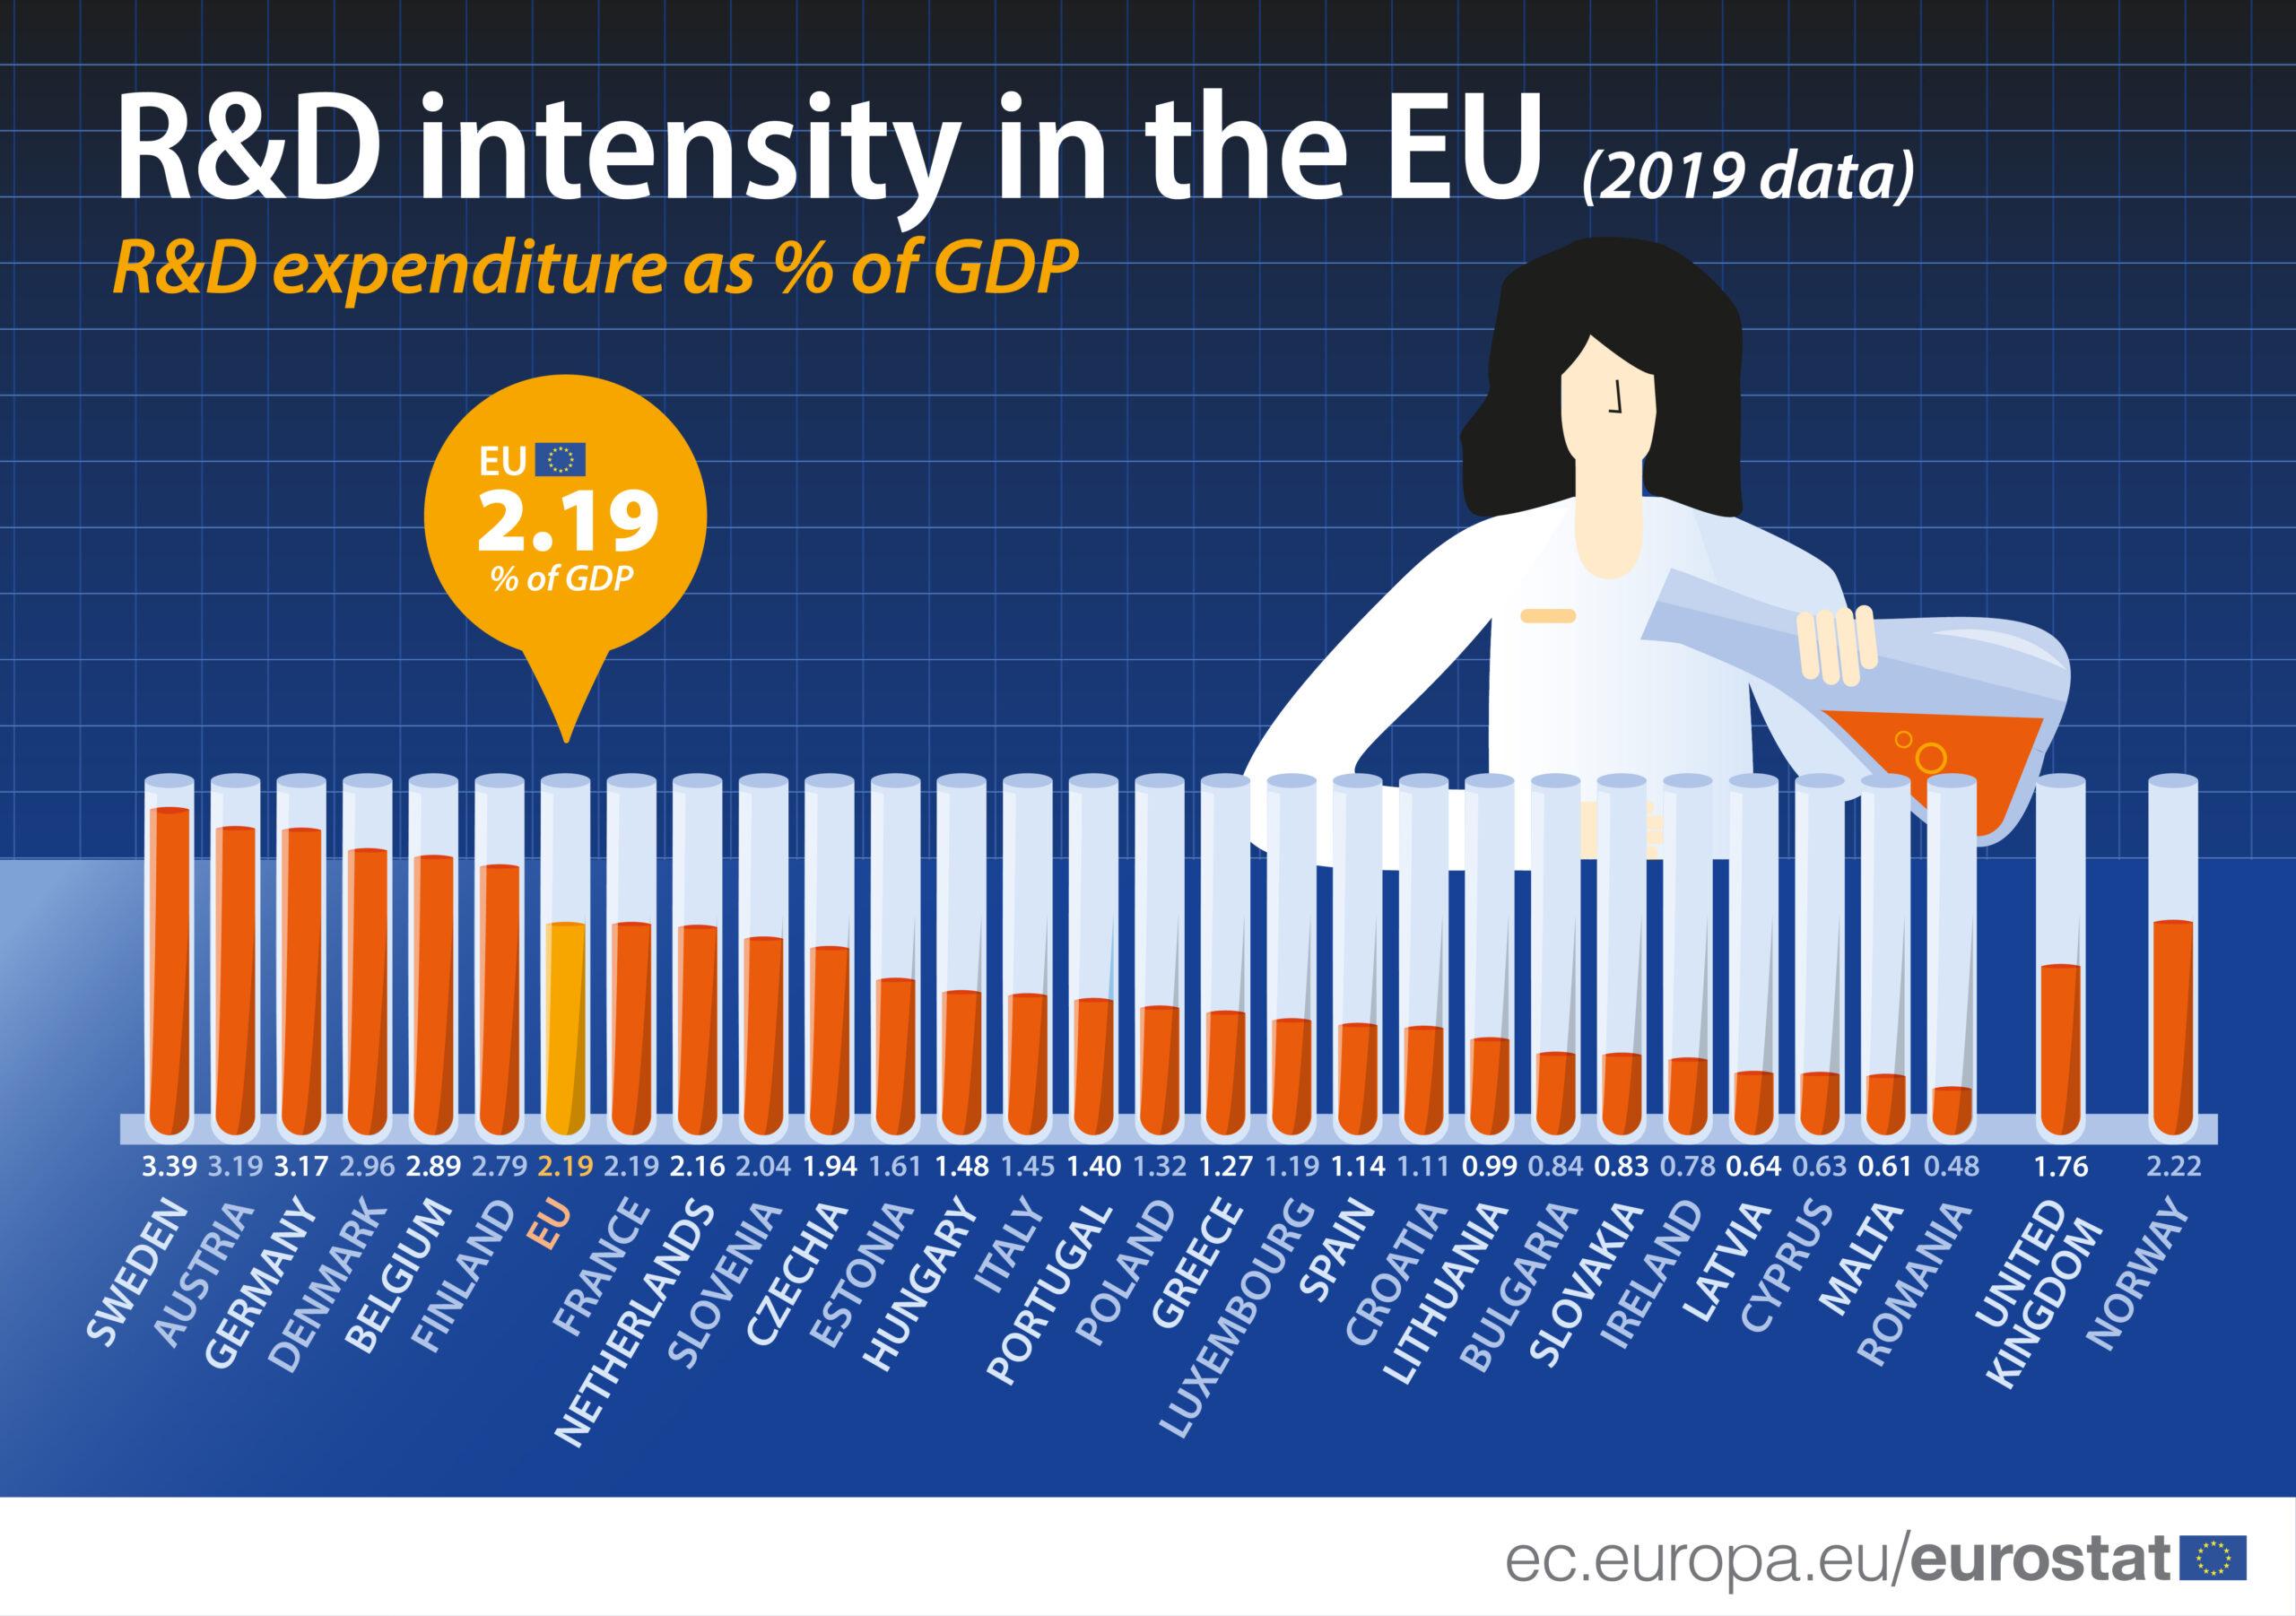 România, Malta şi Cipru – țările UE care alocă cel mai puţin pentru cercetare şi dezvoltare